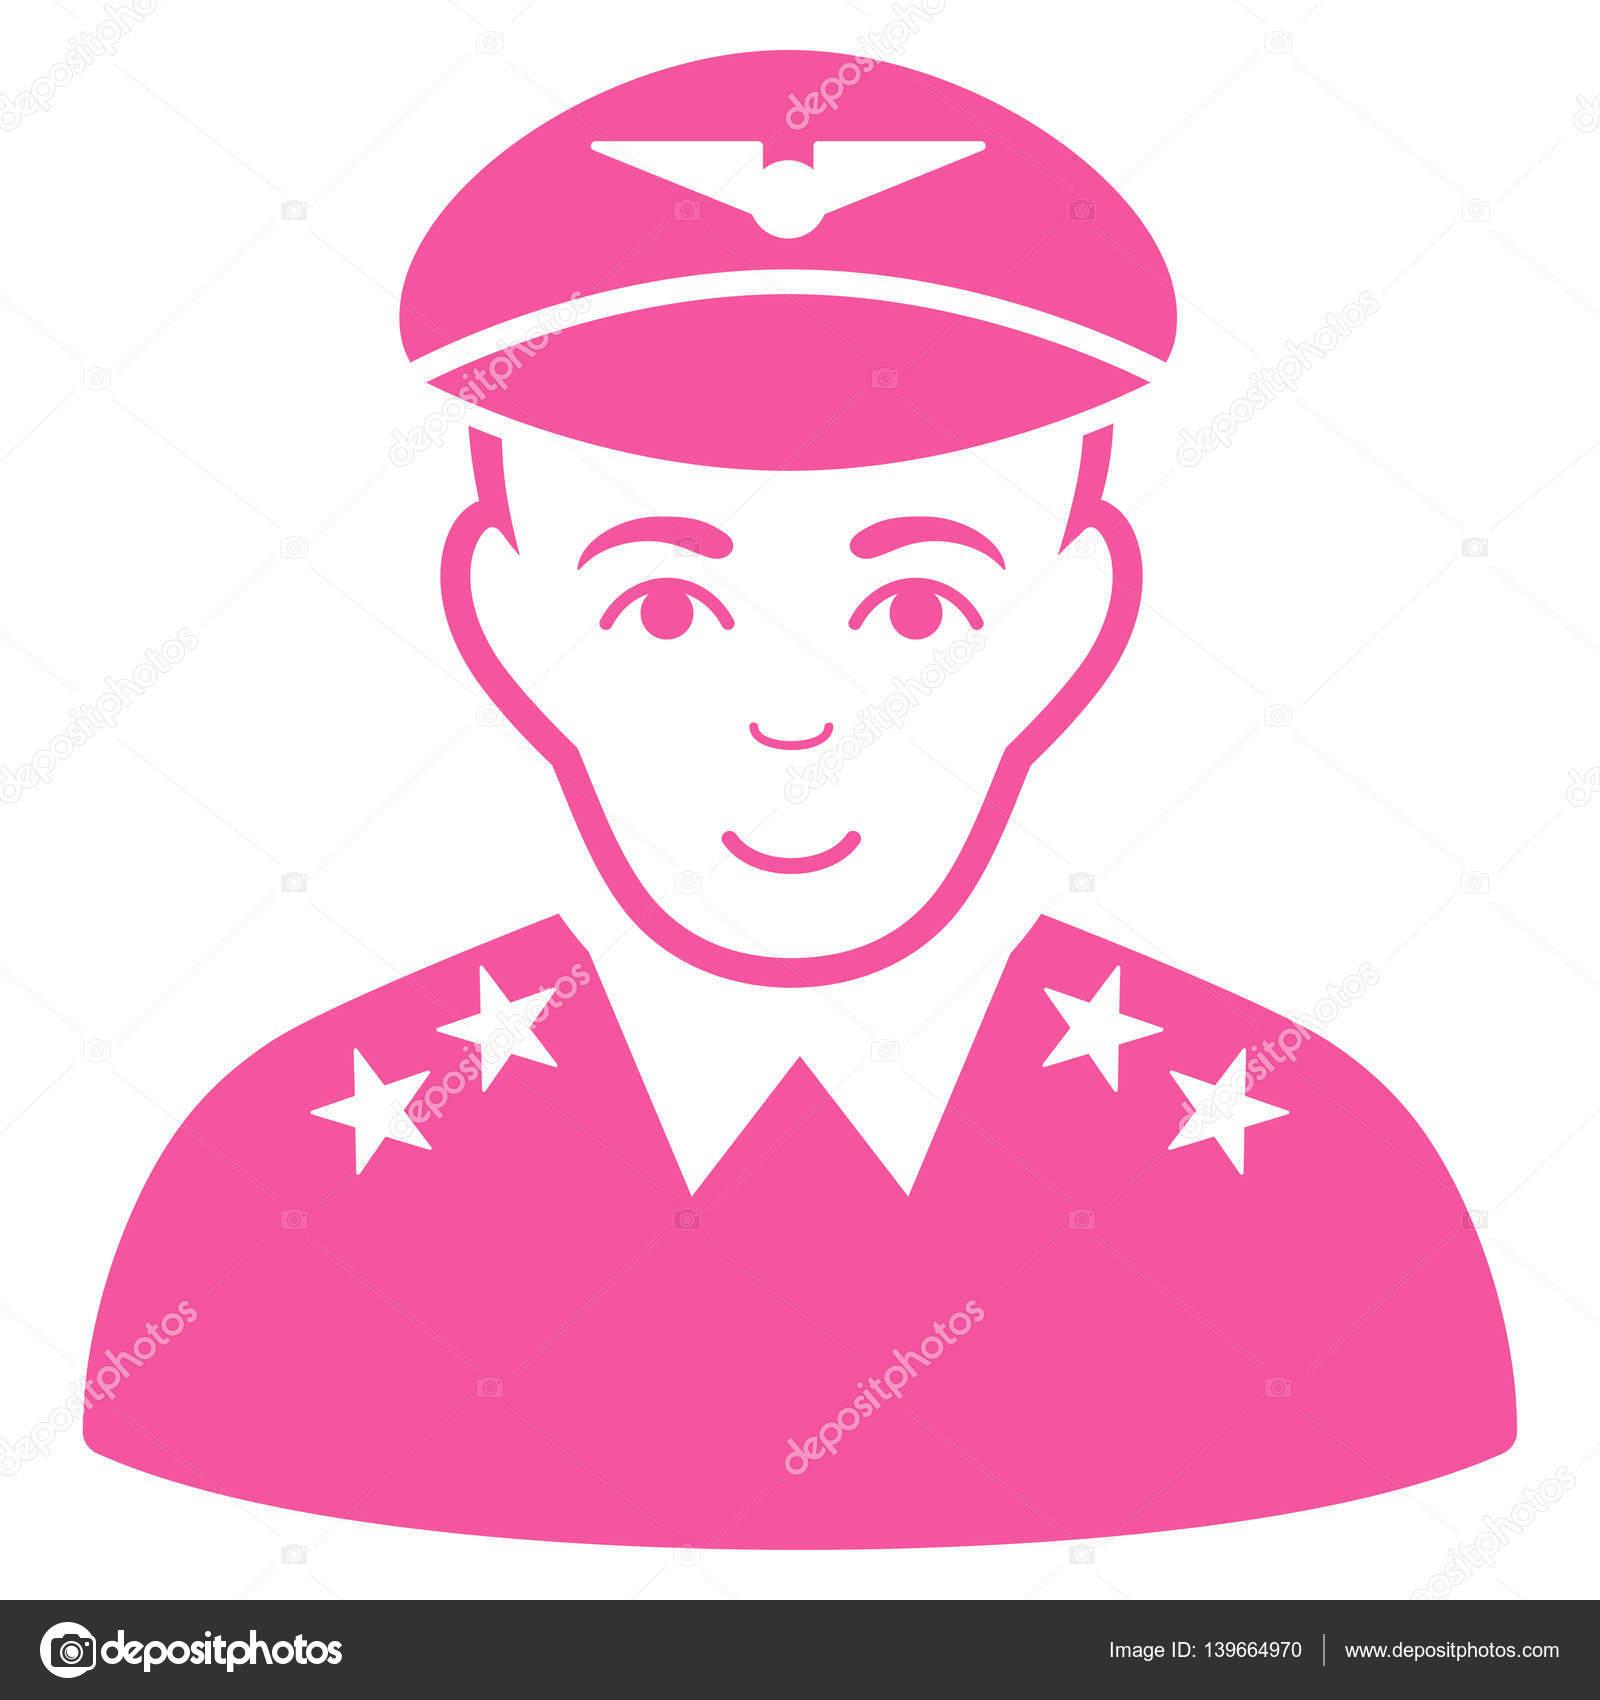 Icona di vettore ufficiale pilota militare. Appartamento rosa simbolo.  Pittogramma è isolato su una priorità bassa bianca. Progettato per le  interfacce web ... 8ef23ed6f604